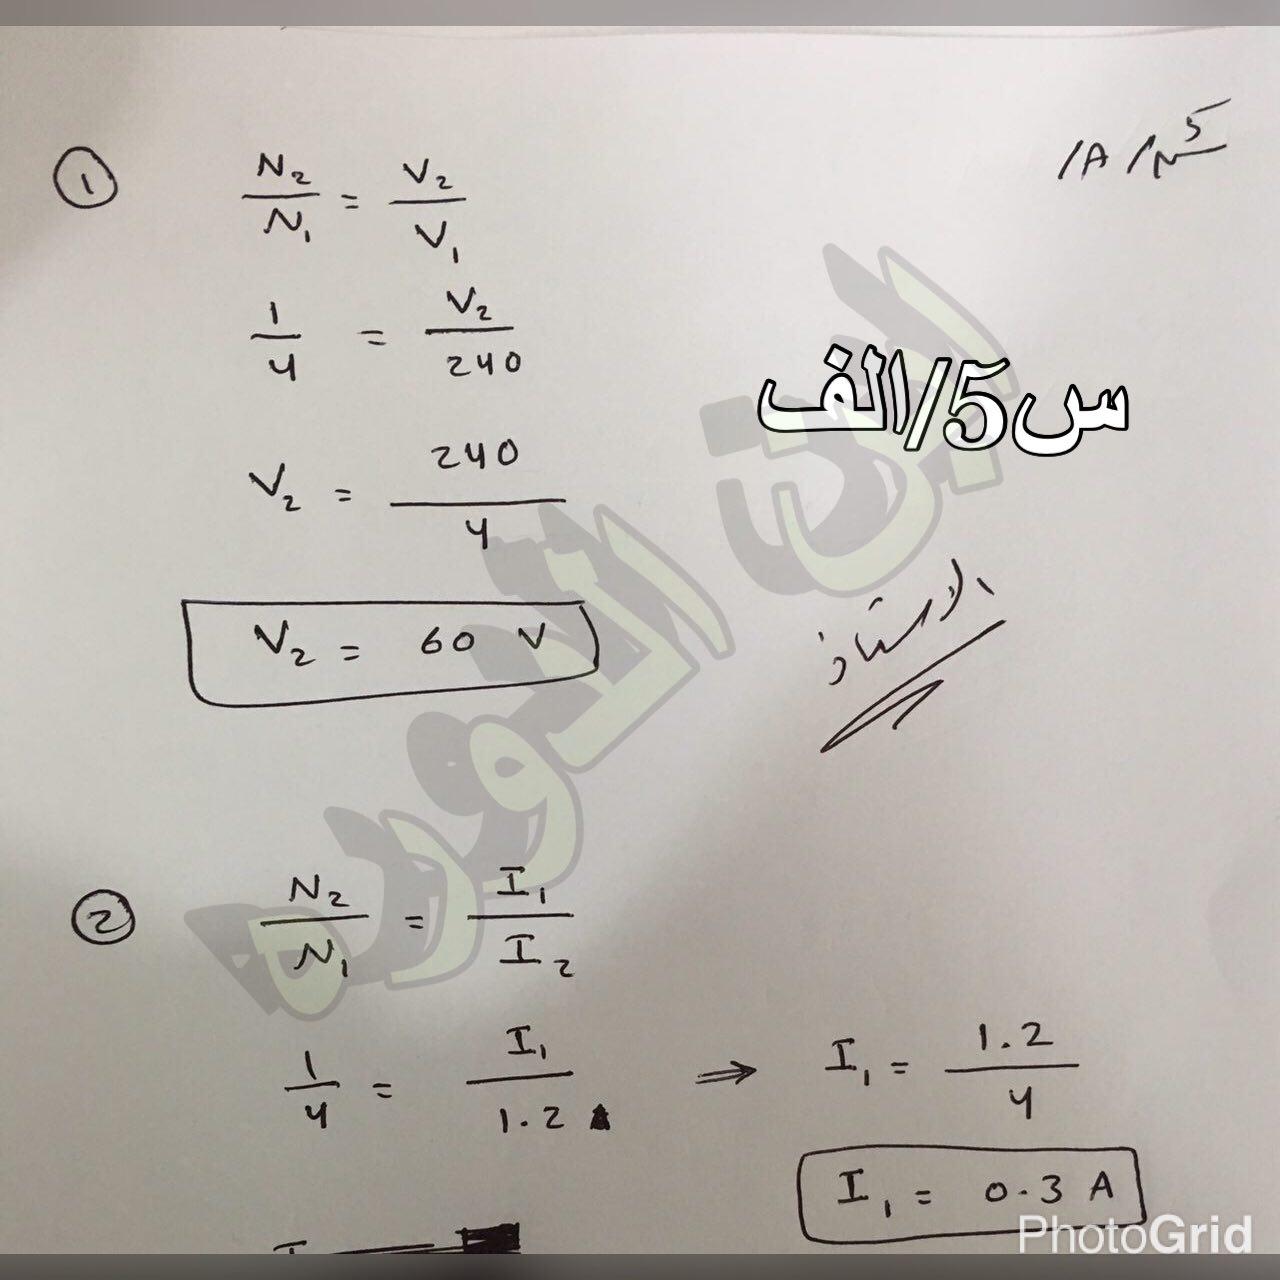 مهم اجوبة امتحان الفيزياء التمهيدي للثالث المتوسط 2017 IMG_20170211_095458